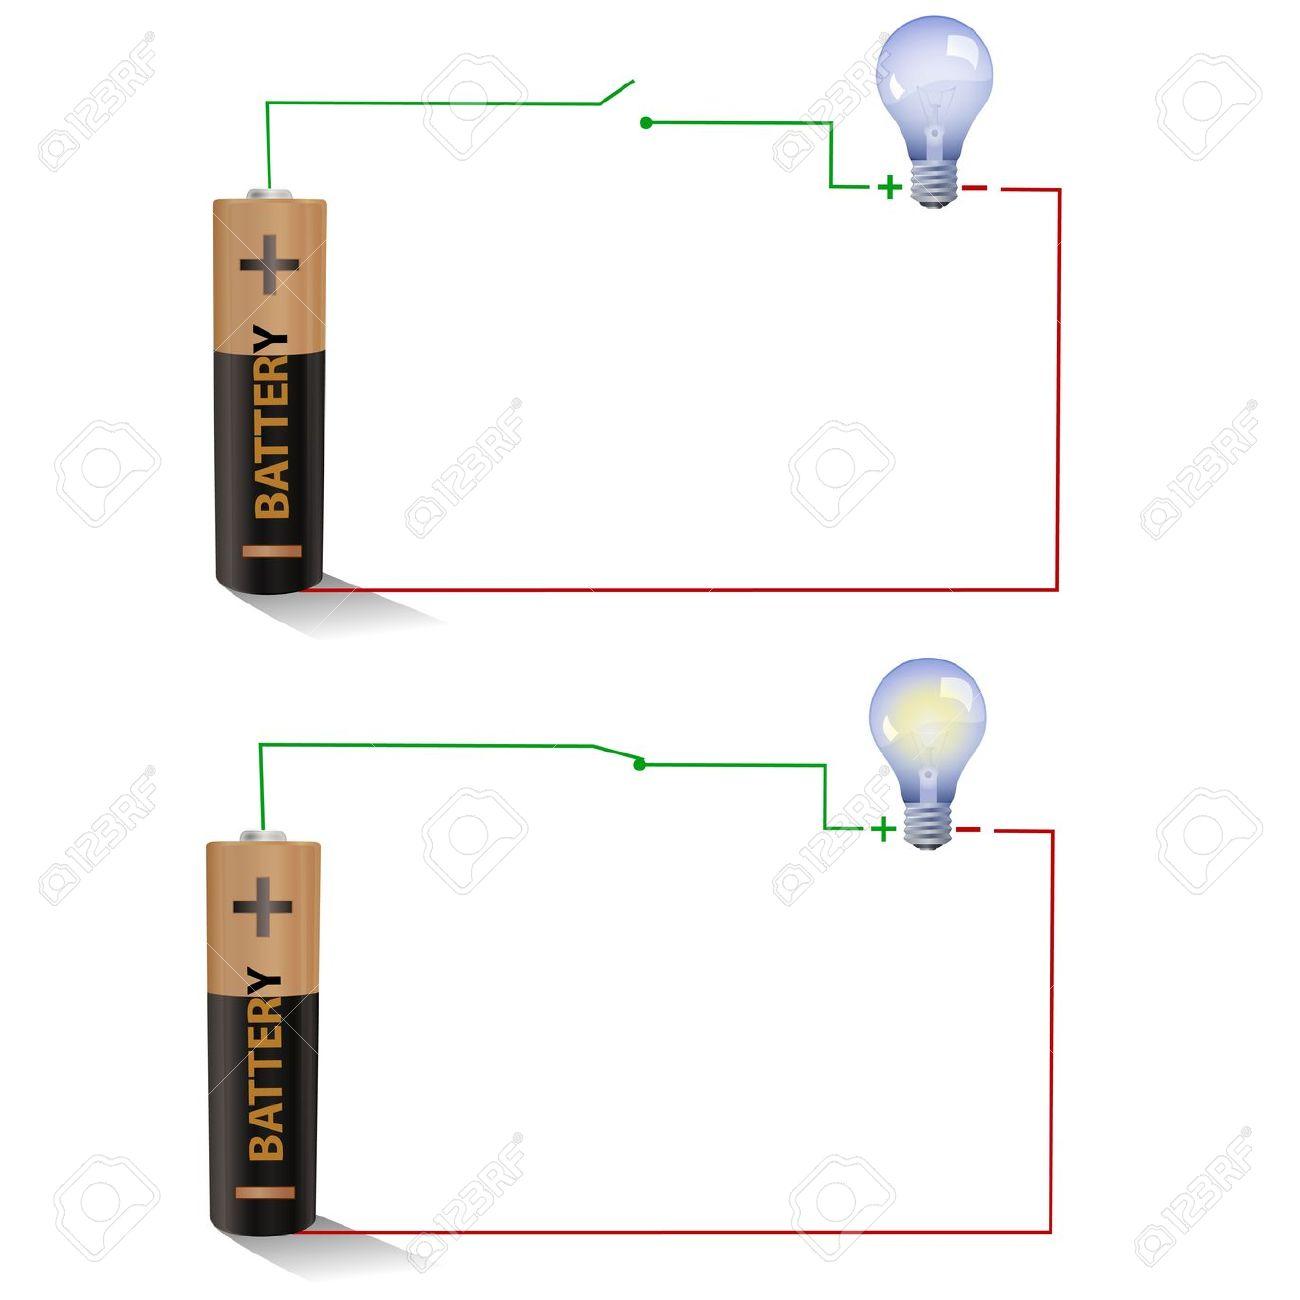 Elektrische Schaltung, Offene Und Geschlossene Schalter Mit Einer ...